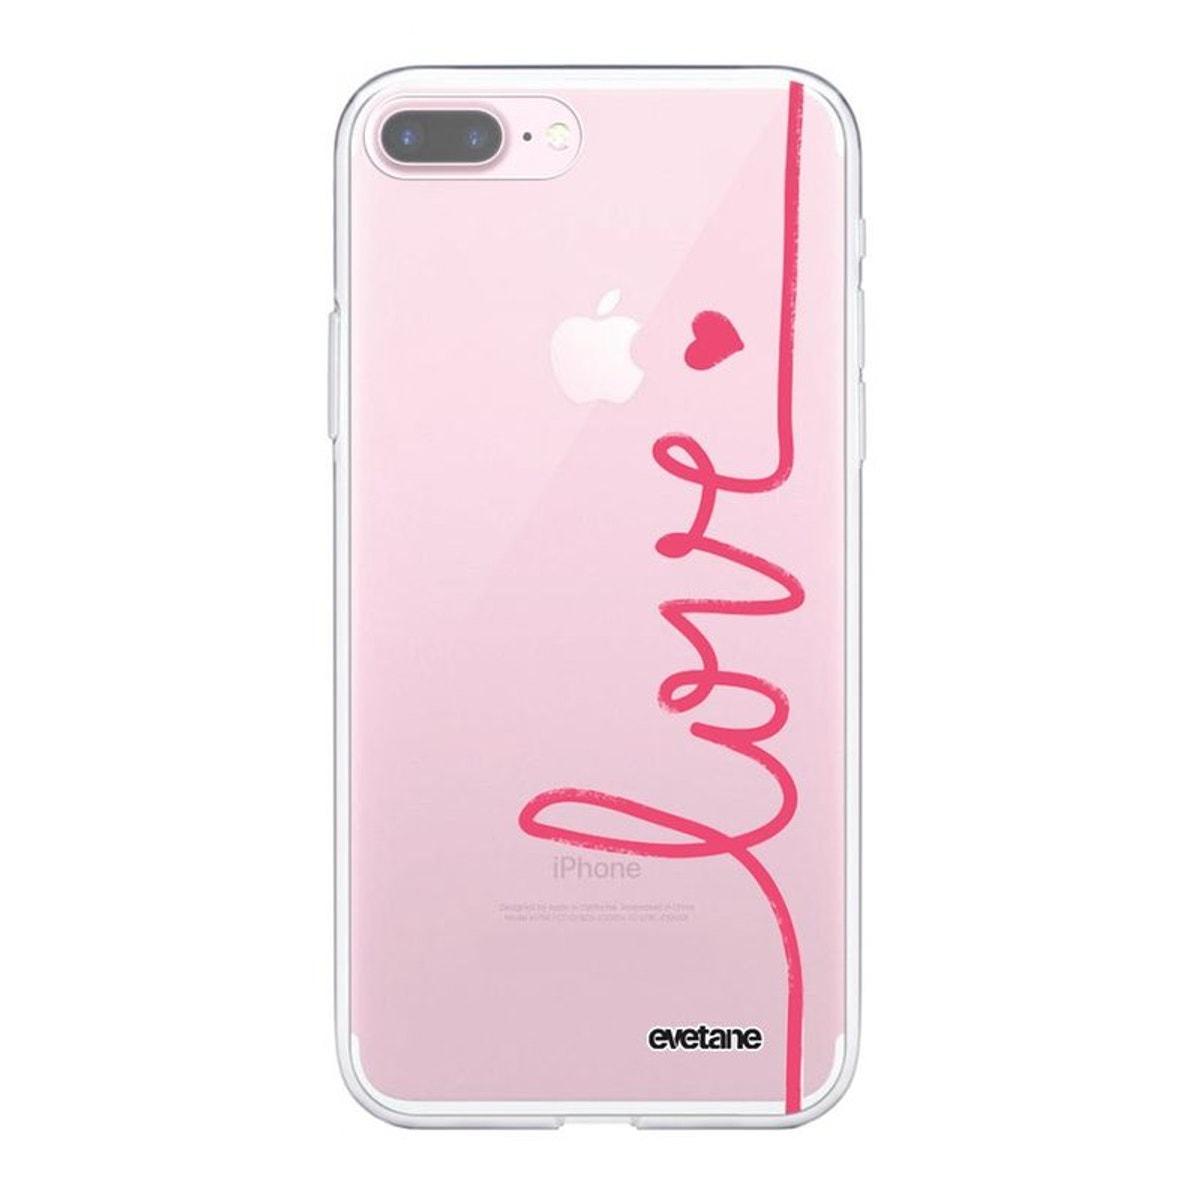 coque iphone 7 plus esr transparente